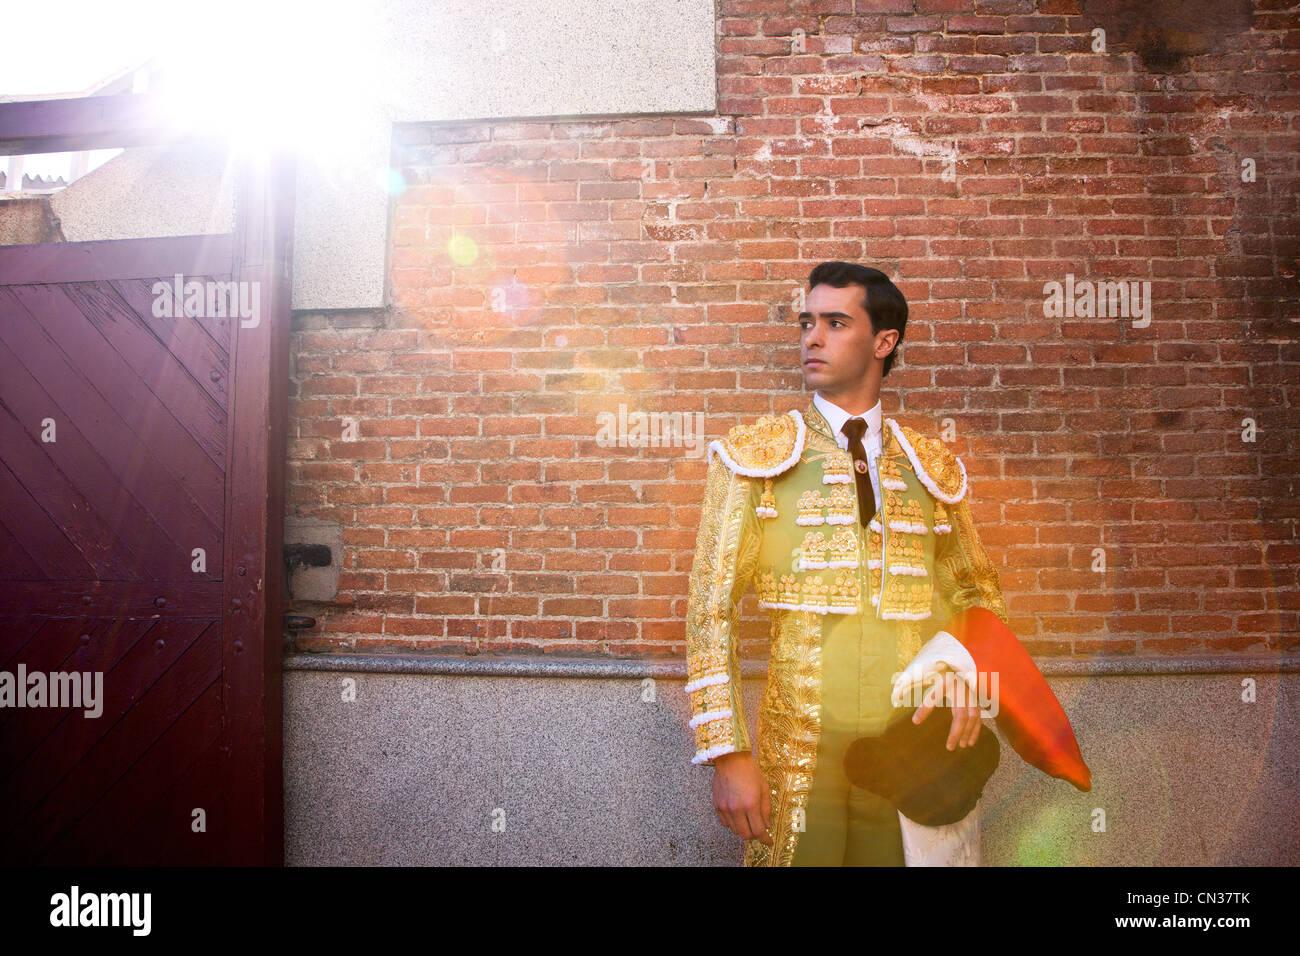 Torero indossando abiti tradizionali alla cerimonia di apertura, arena Las Ventas di Madrid Immagini Stock